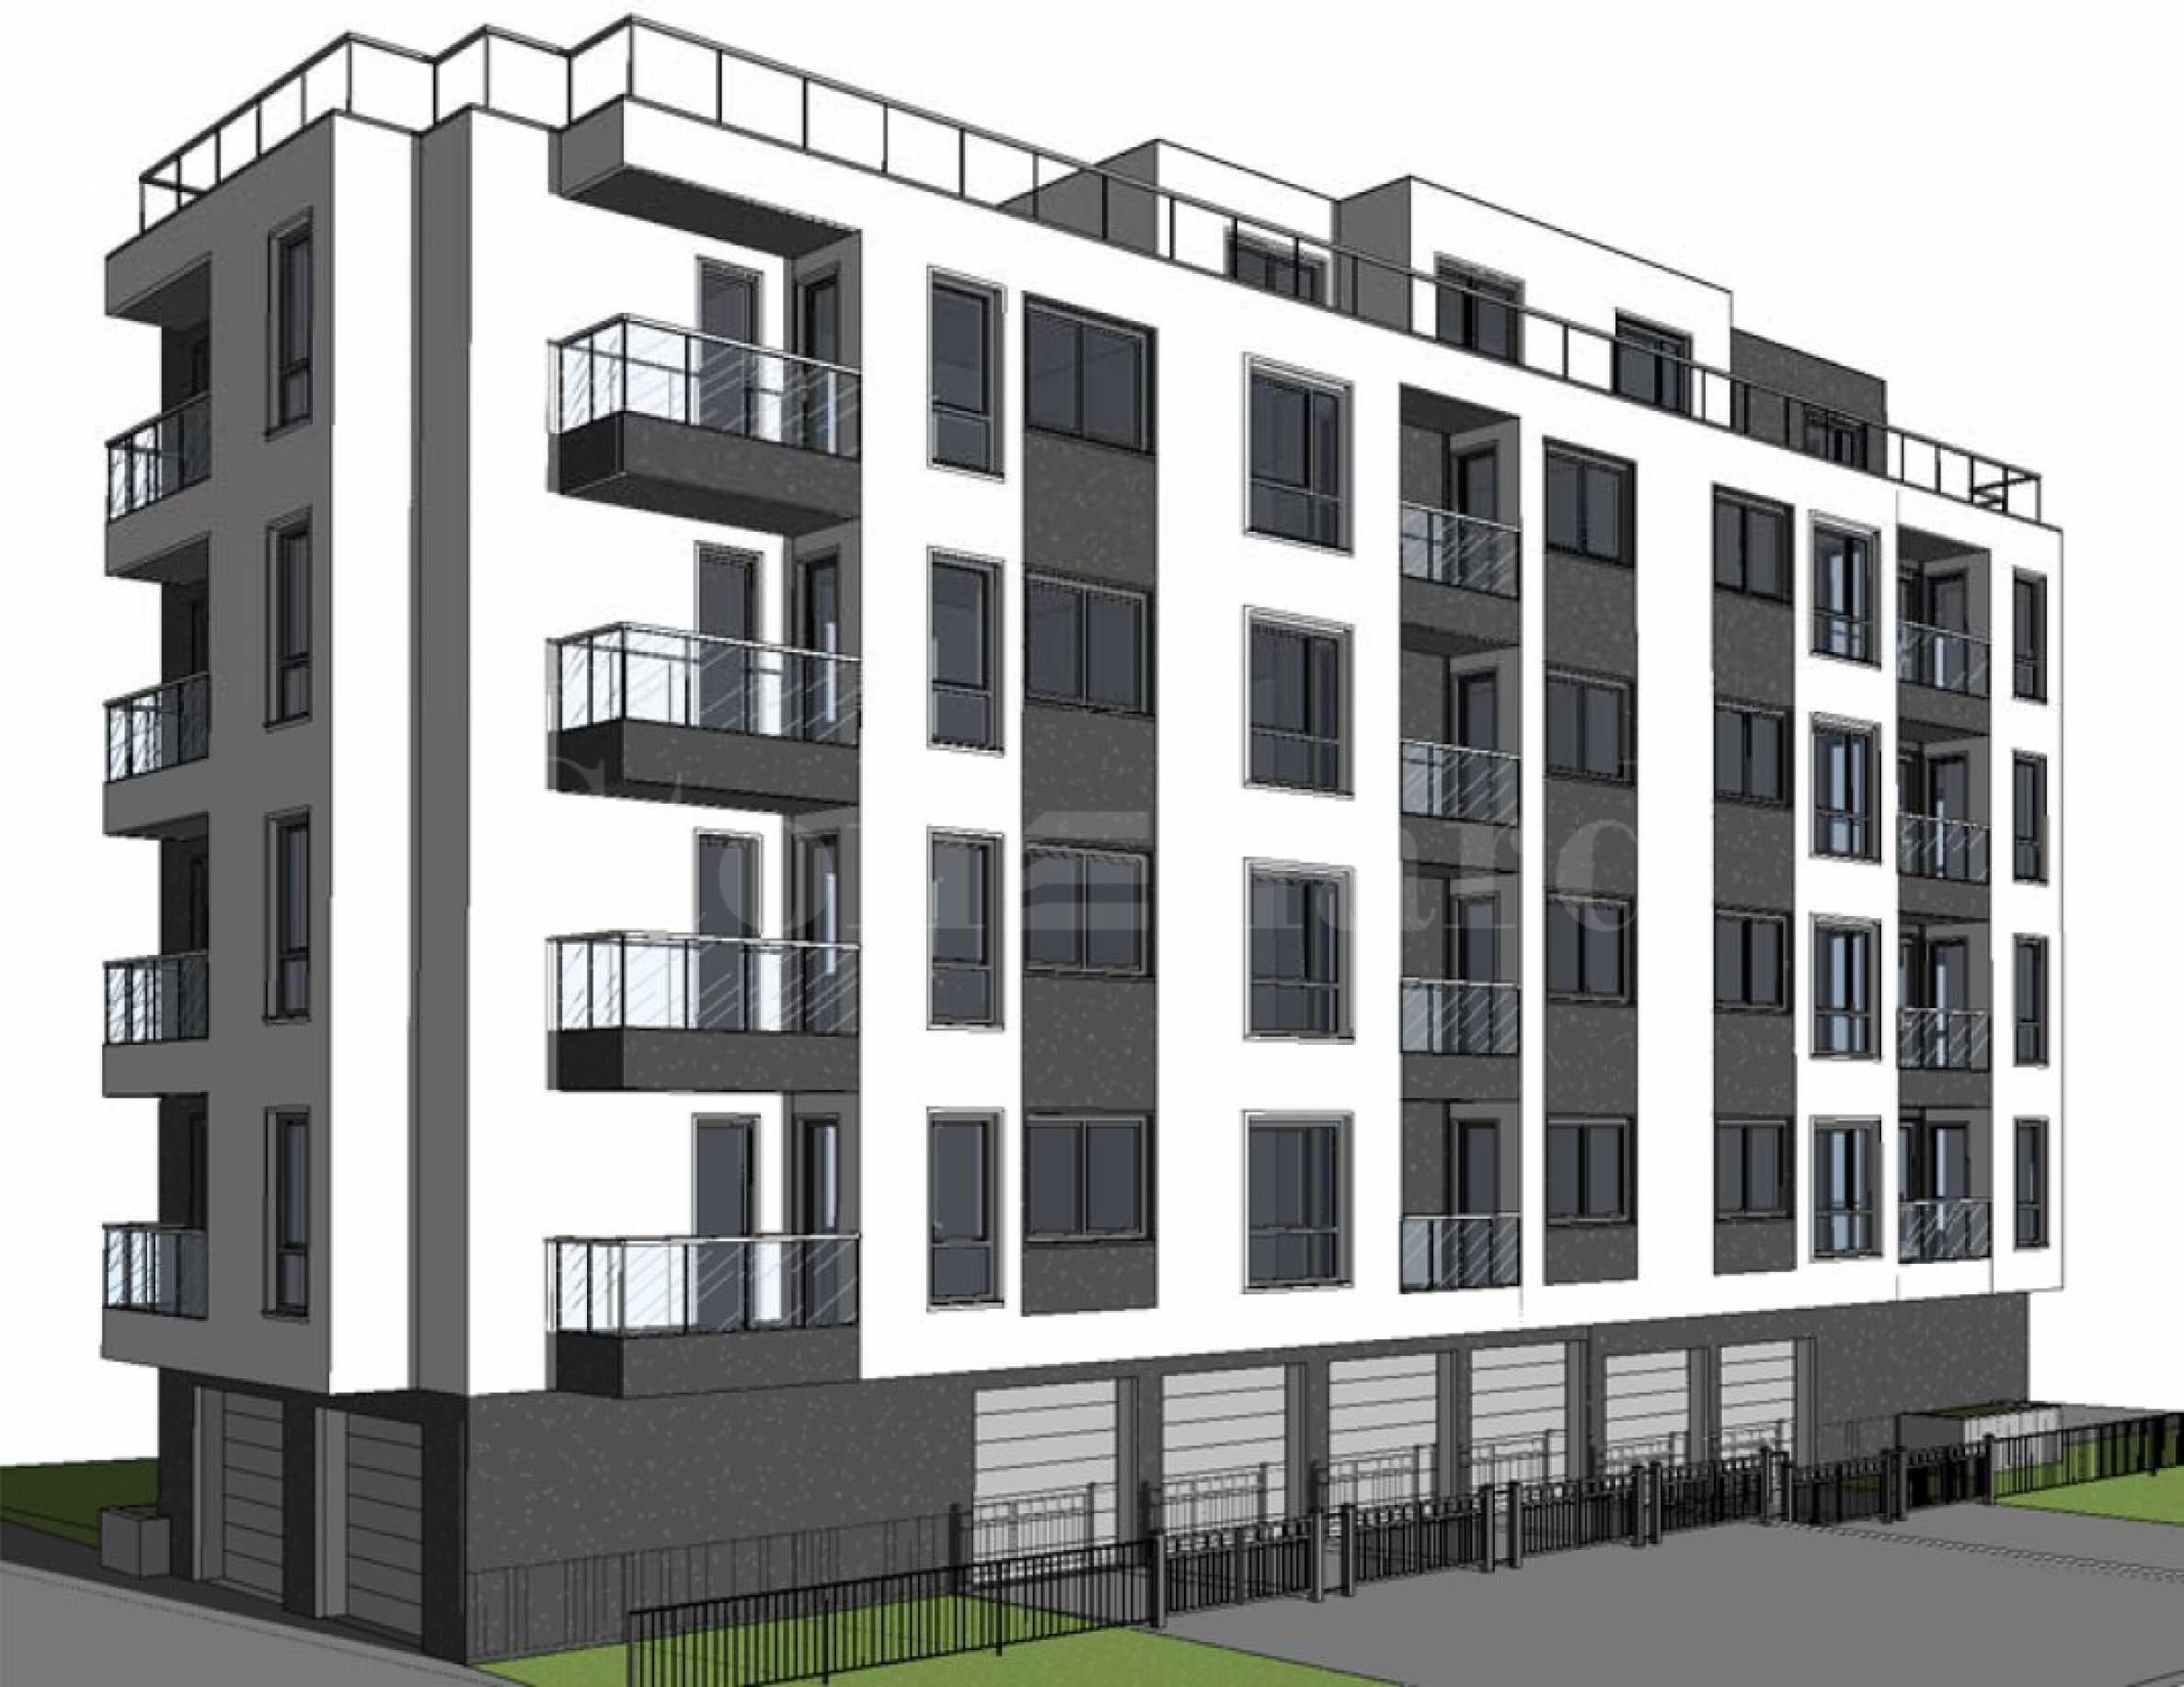 Луксозен комплекс със собствена градина в предпочитан за живеене квартал2 - Stonehard